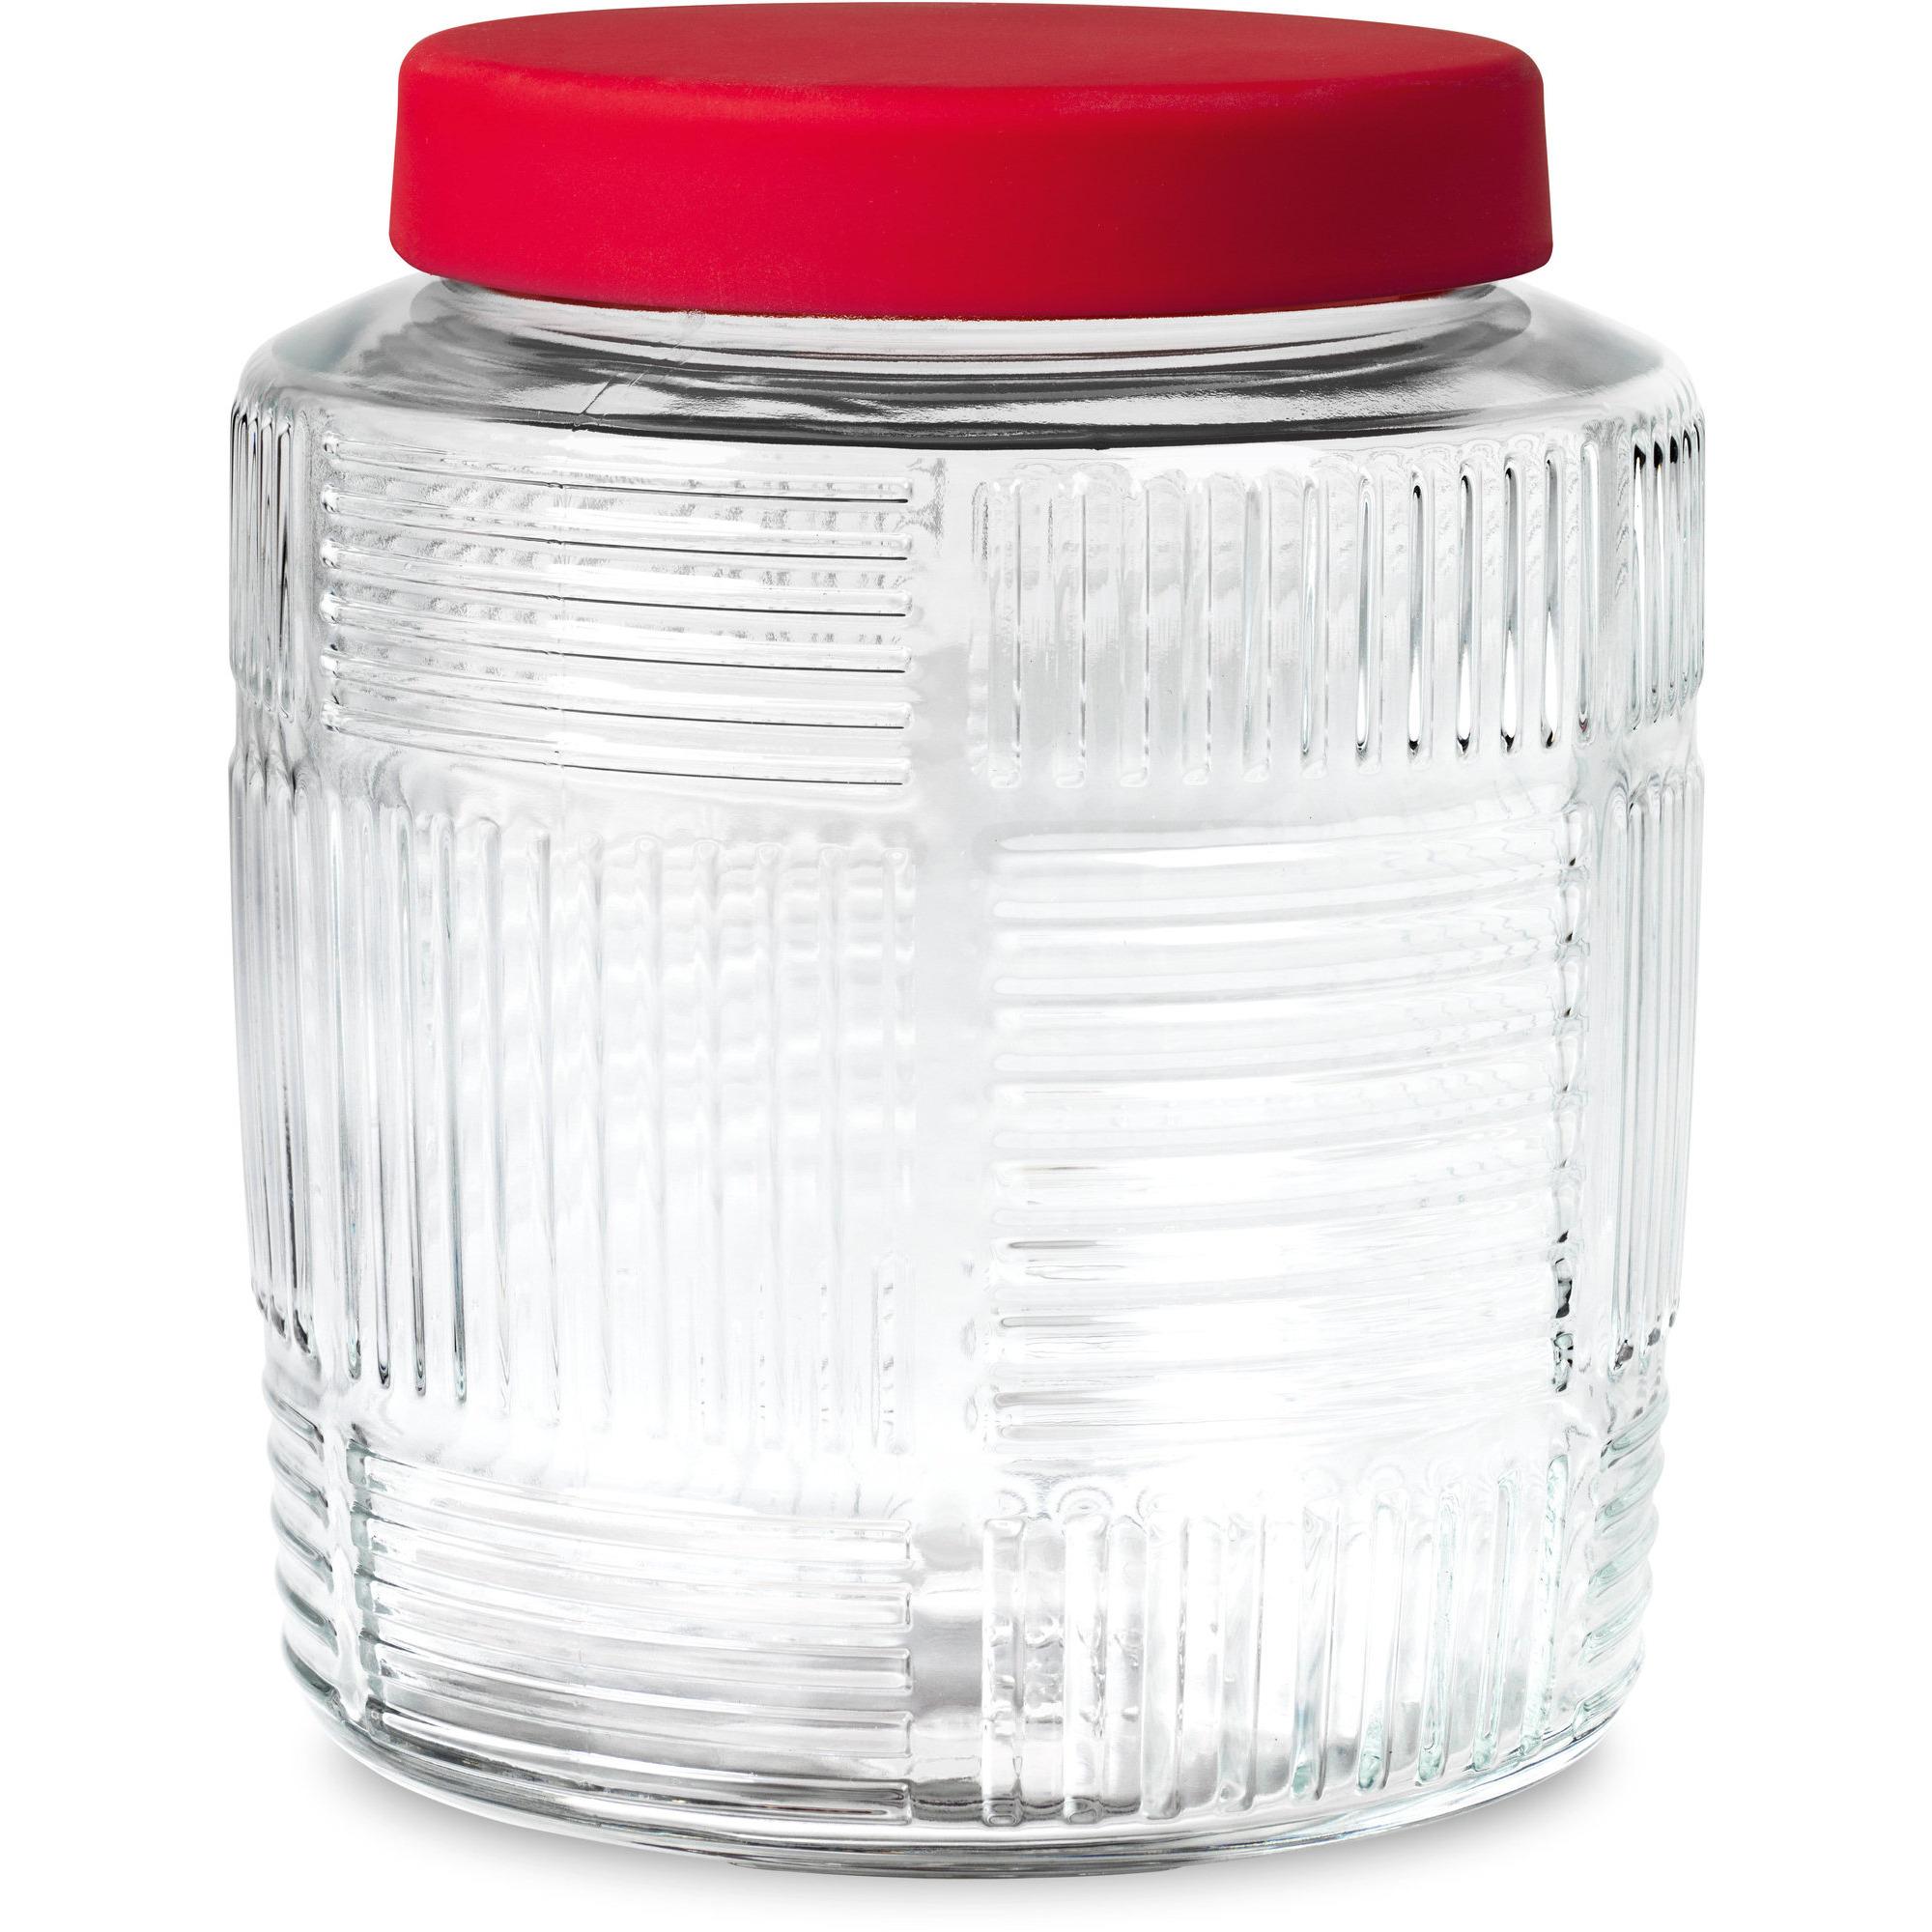 Rosendahl Nanna Ditzel Förvaringsglas 2 L. rød